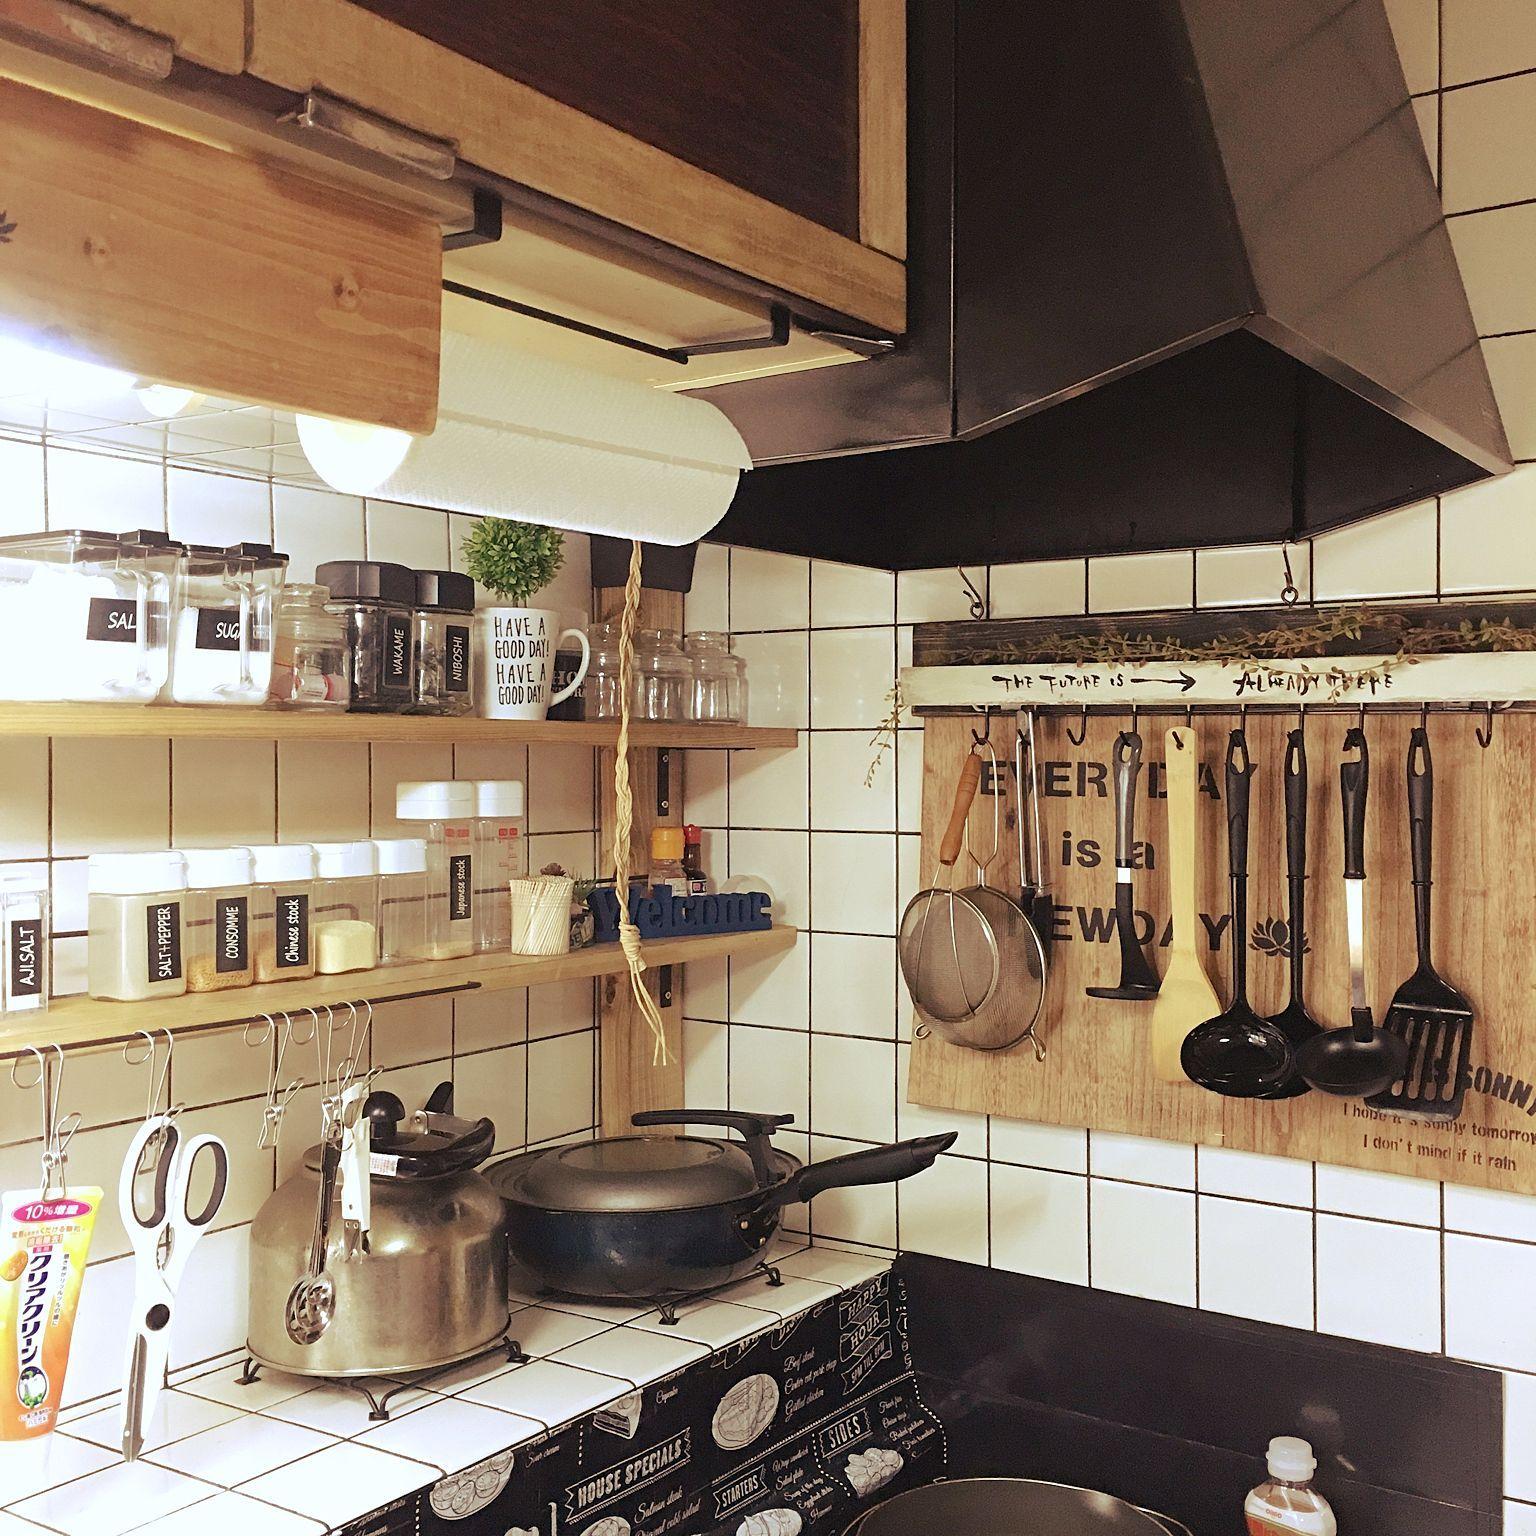 賃貸でも安心 Diyの必須アイテムのディアウォールの魅力をご紹介 アウトドアキッチン キッチン Diy 屋外キッチンデザイン